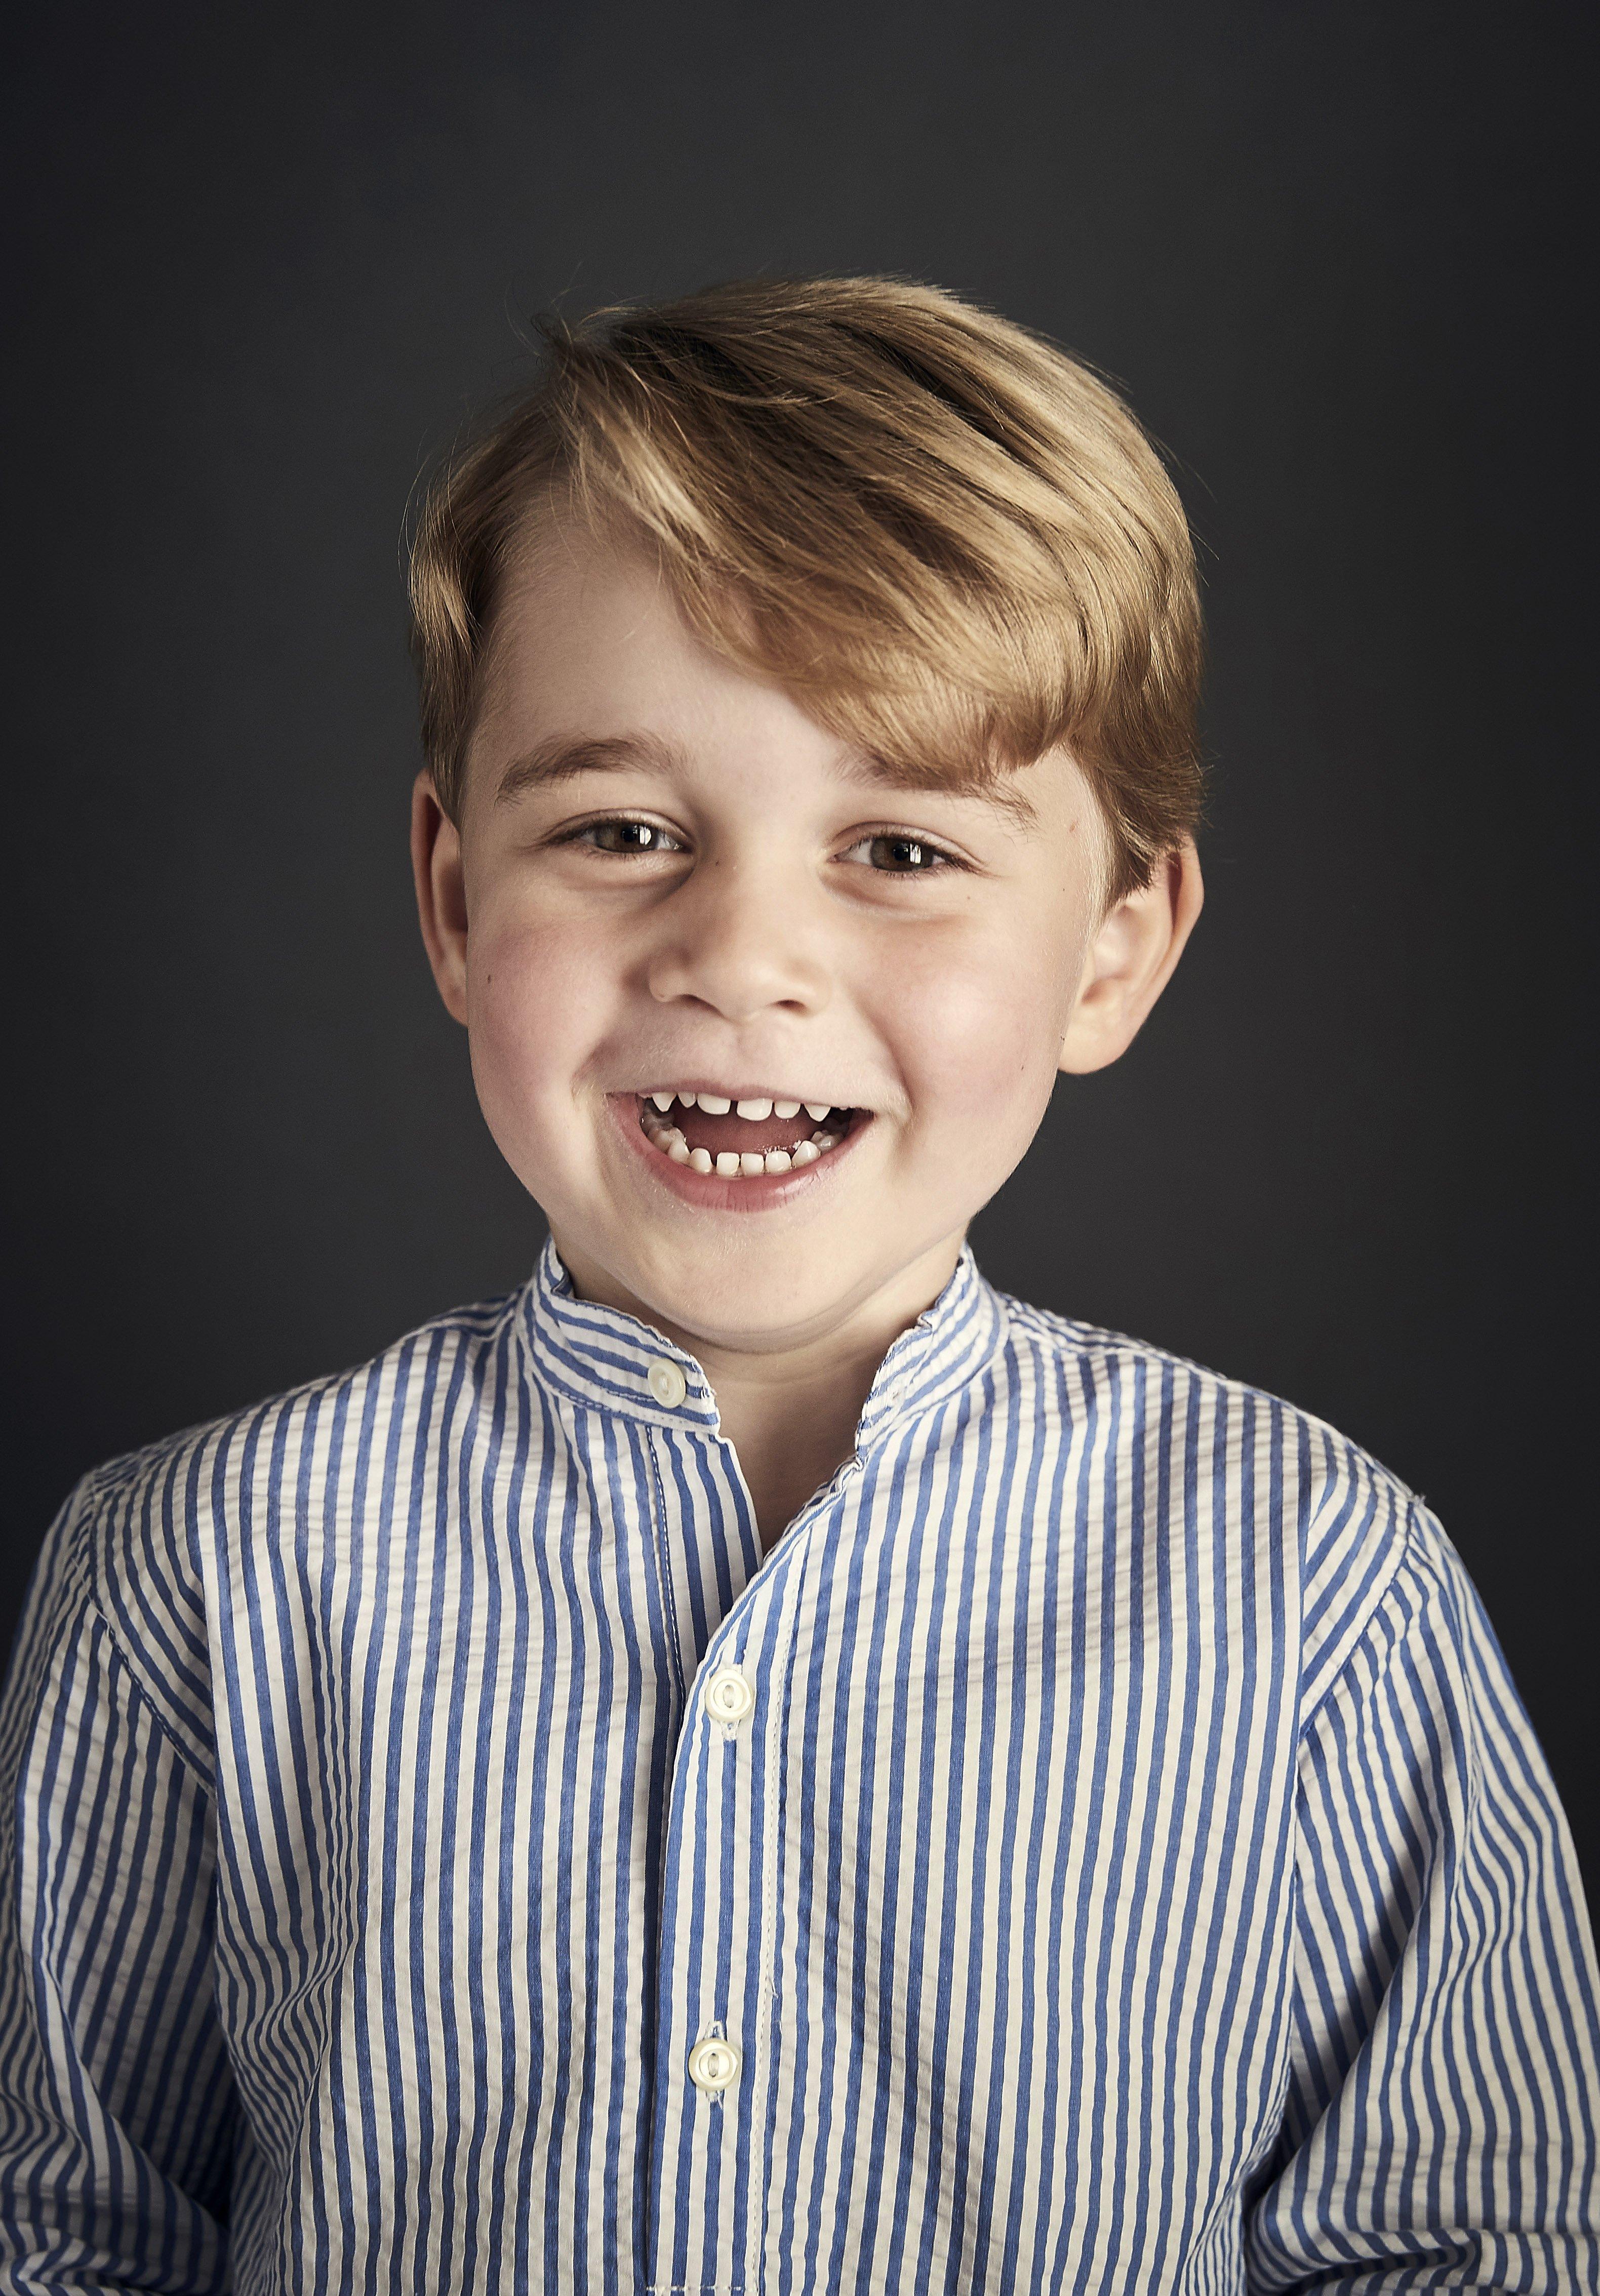 Retrato del príncipe George publicado antes de su cuarto cumpleaños.   Foto: Getty Images